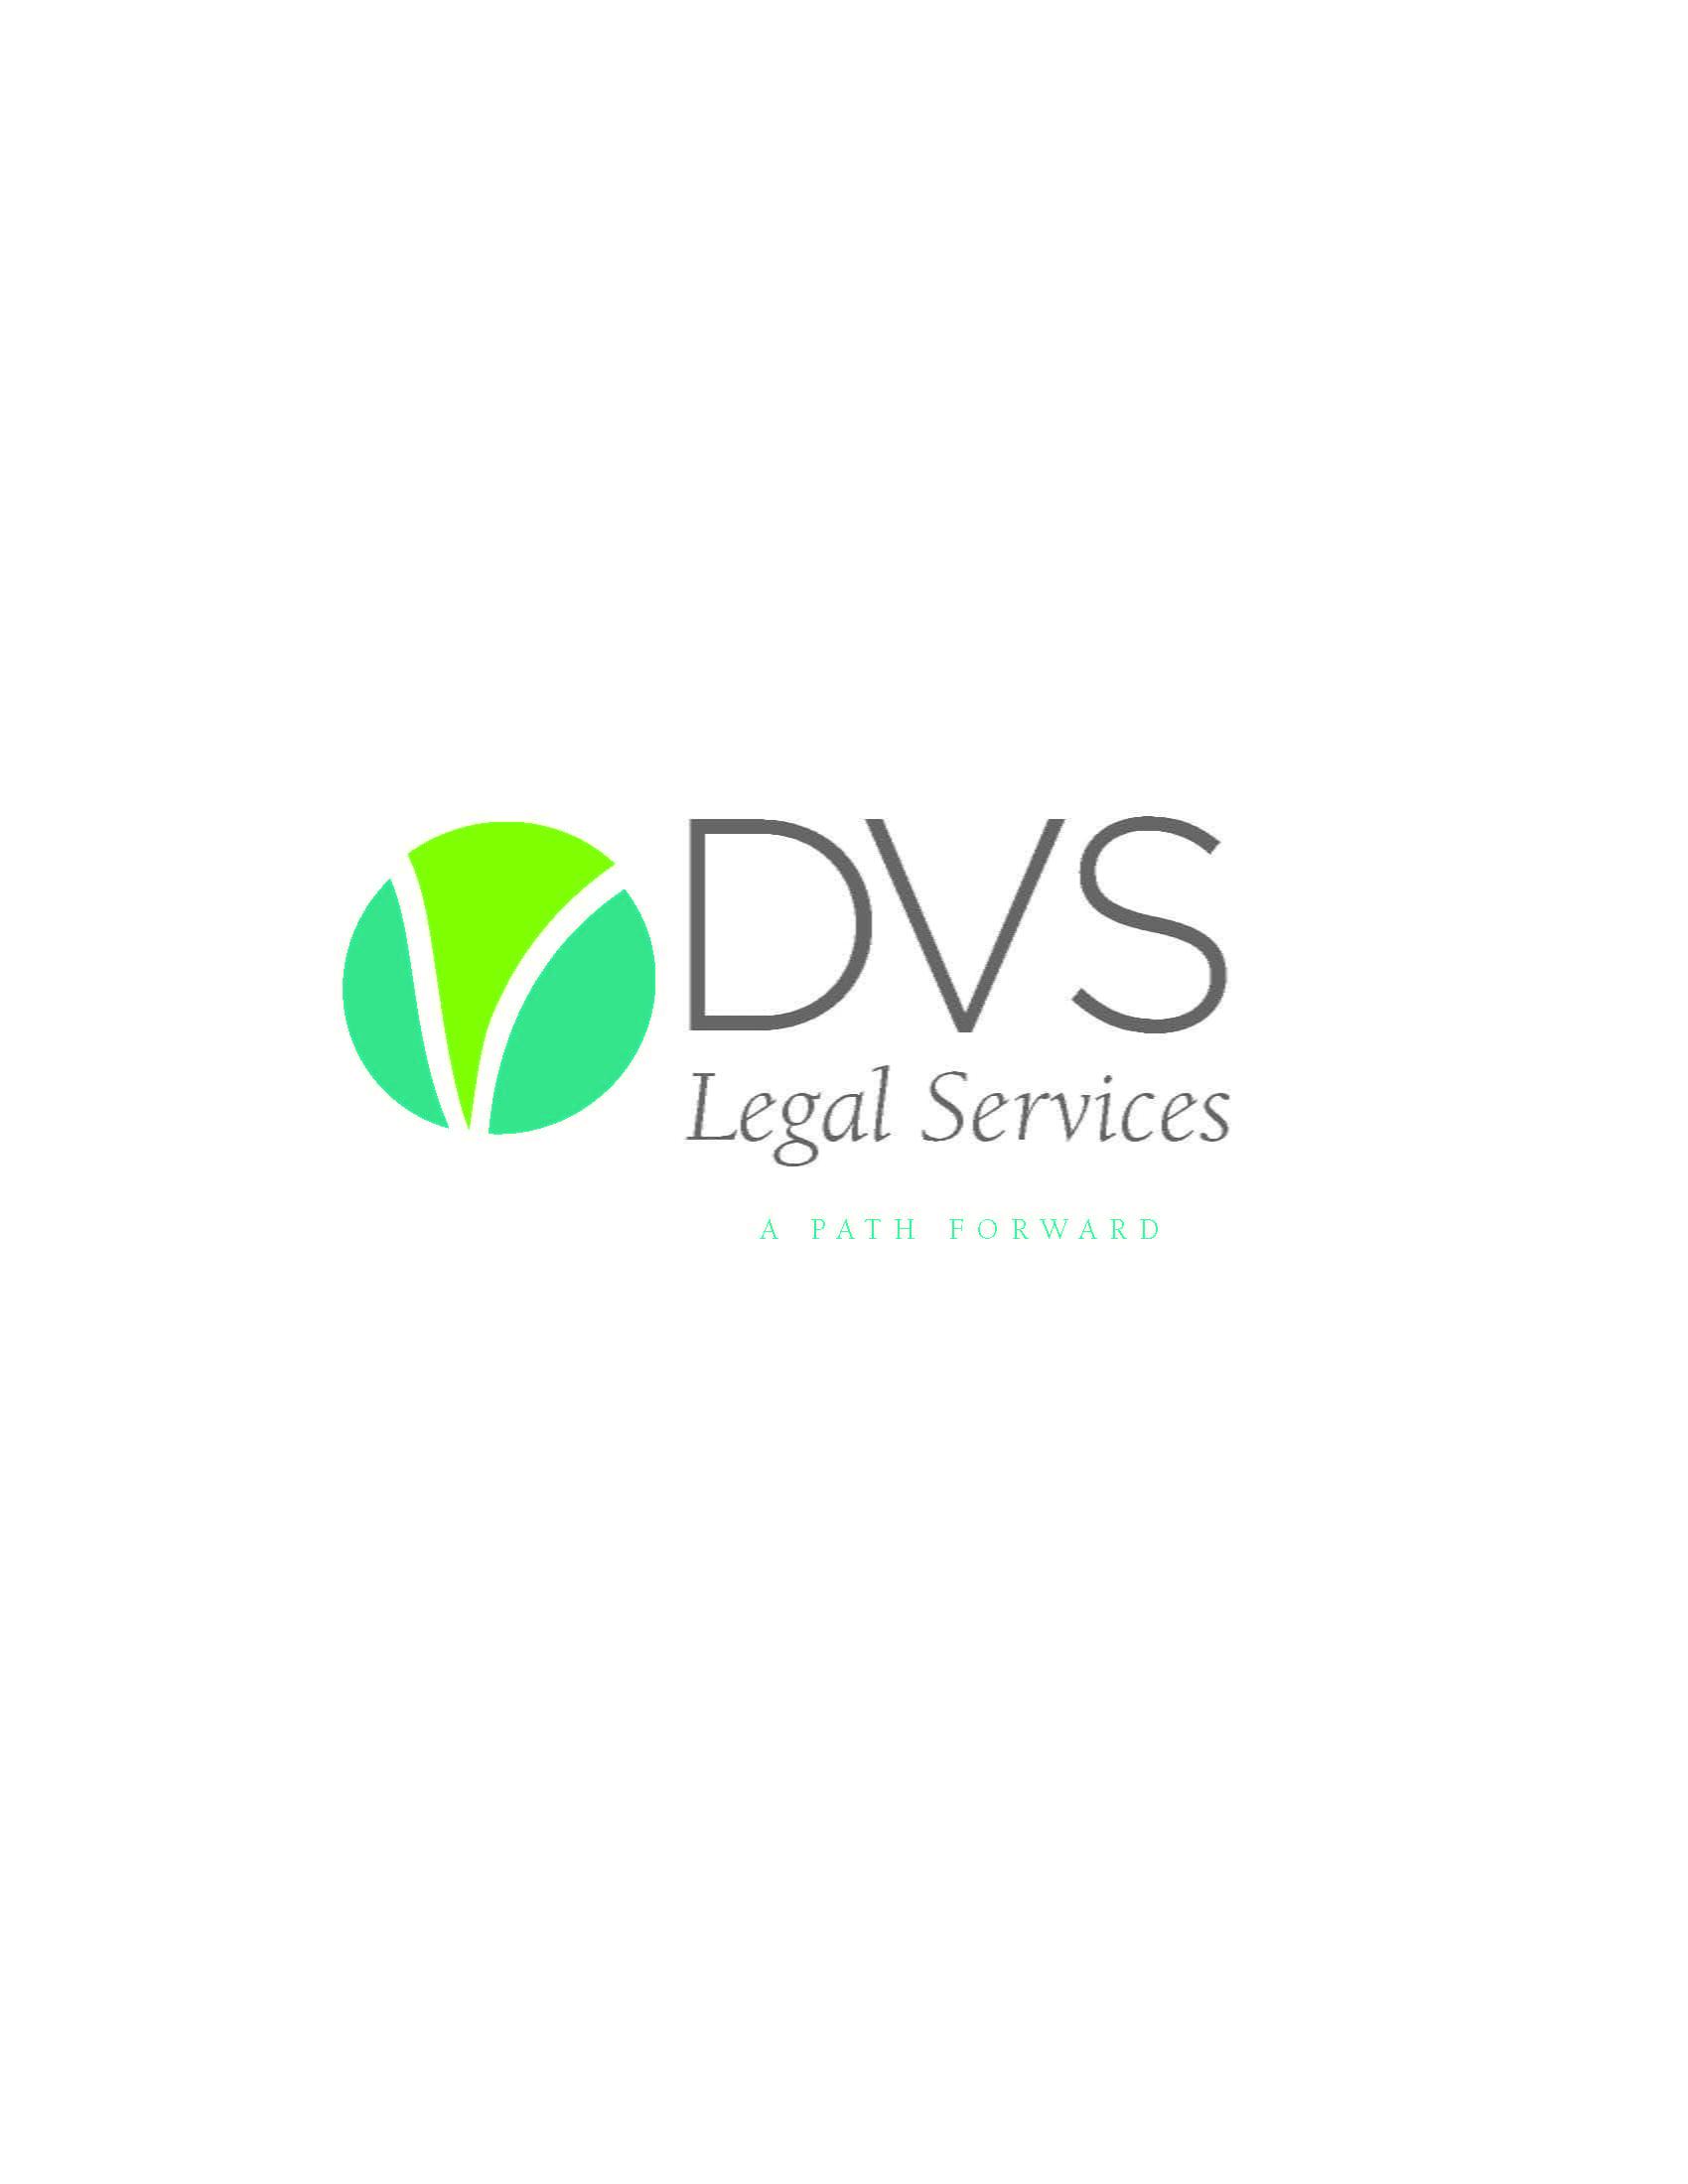 DVS Legal Services